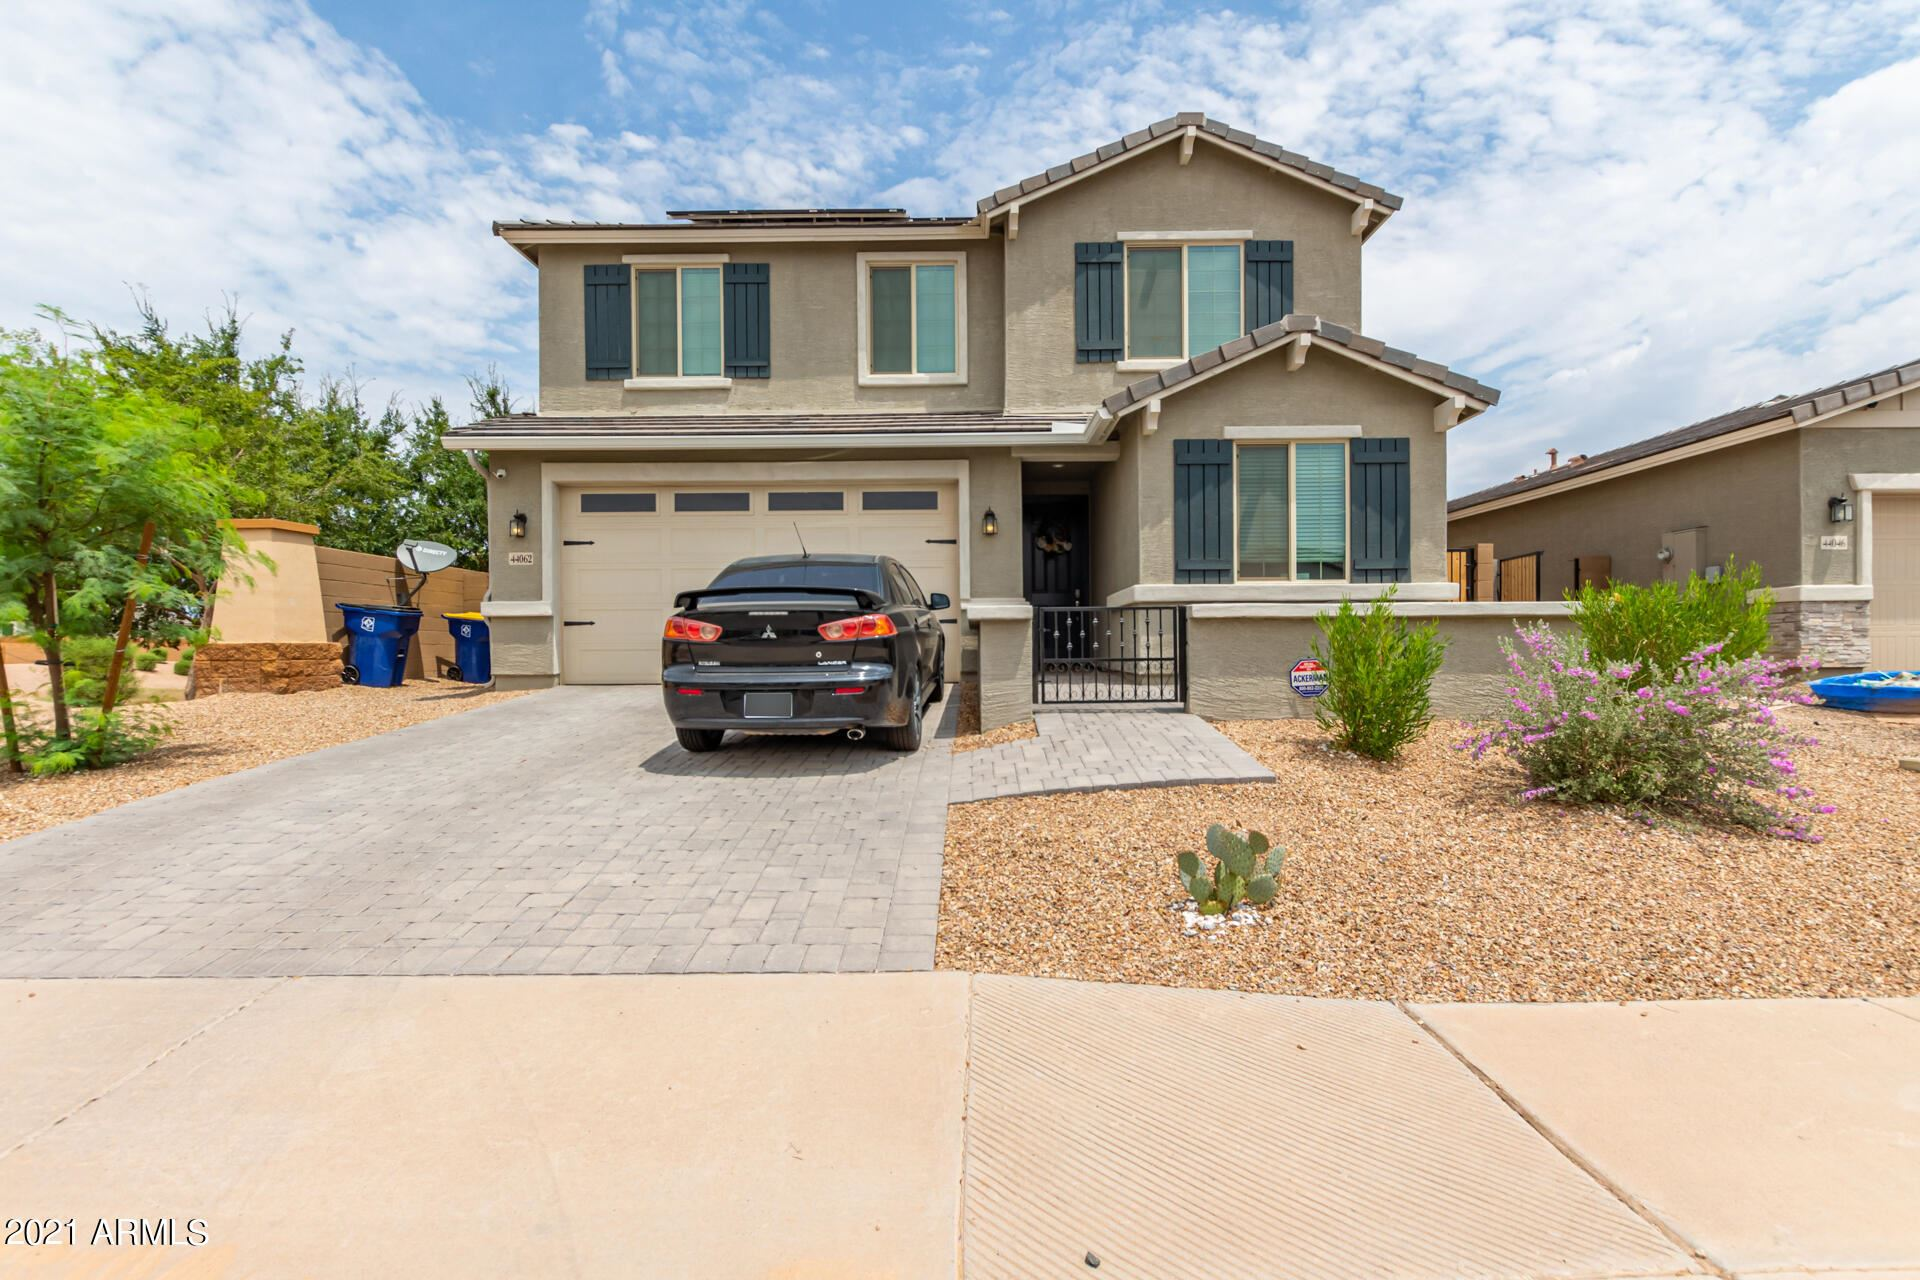 Photo for 44062 W PALO ALISO Way, Maricopa, AZ 85138 (MLS # 6268084)